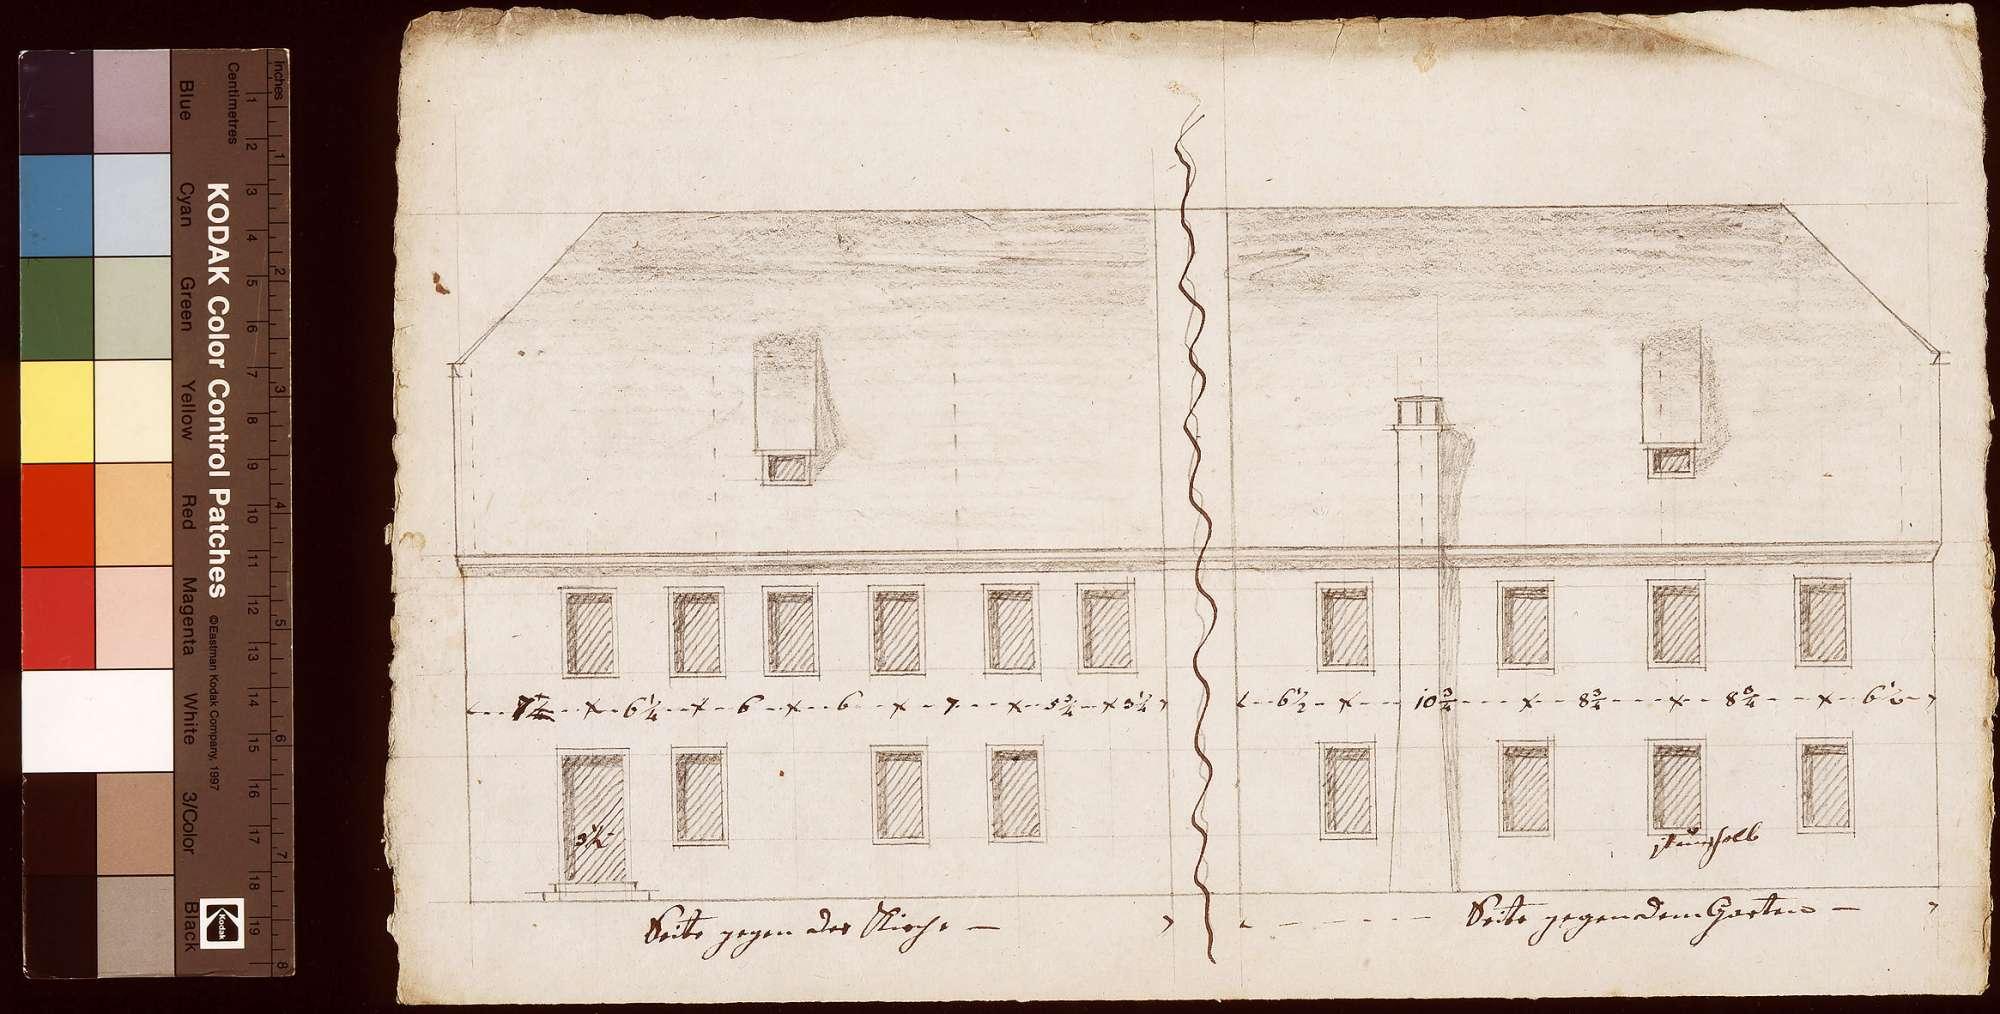 Vergrößerung und Reparatur des Amtshauses zu Rosenberg, Bild 1